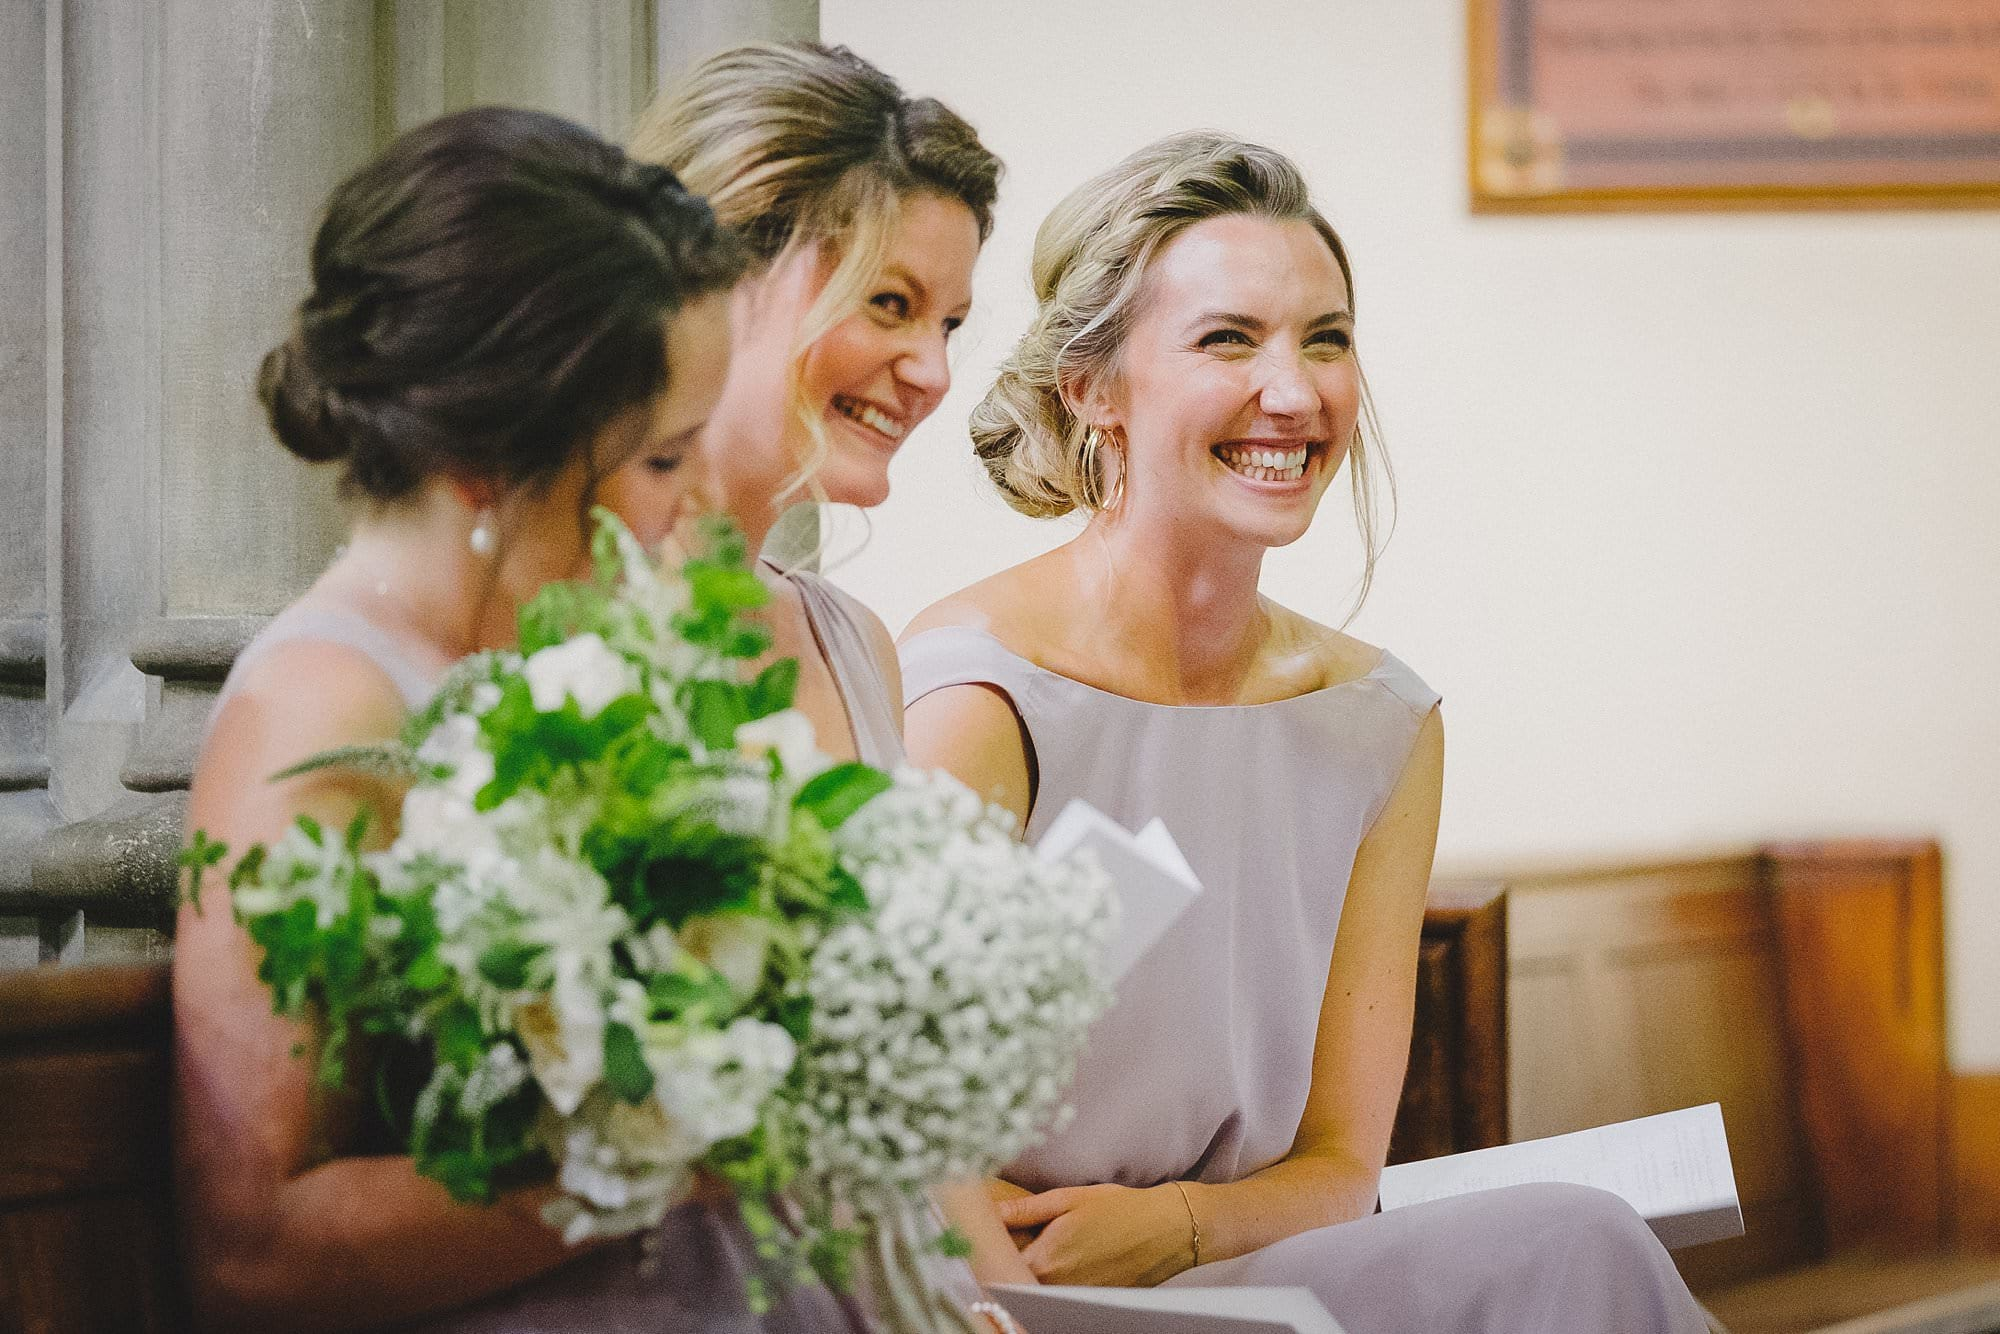 fulham palace wedding photographer 036 - Rosanna + Duncan | Fulham